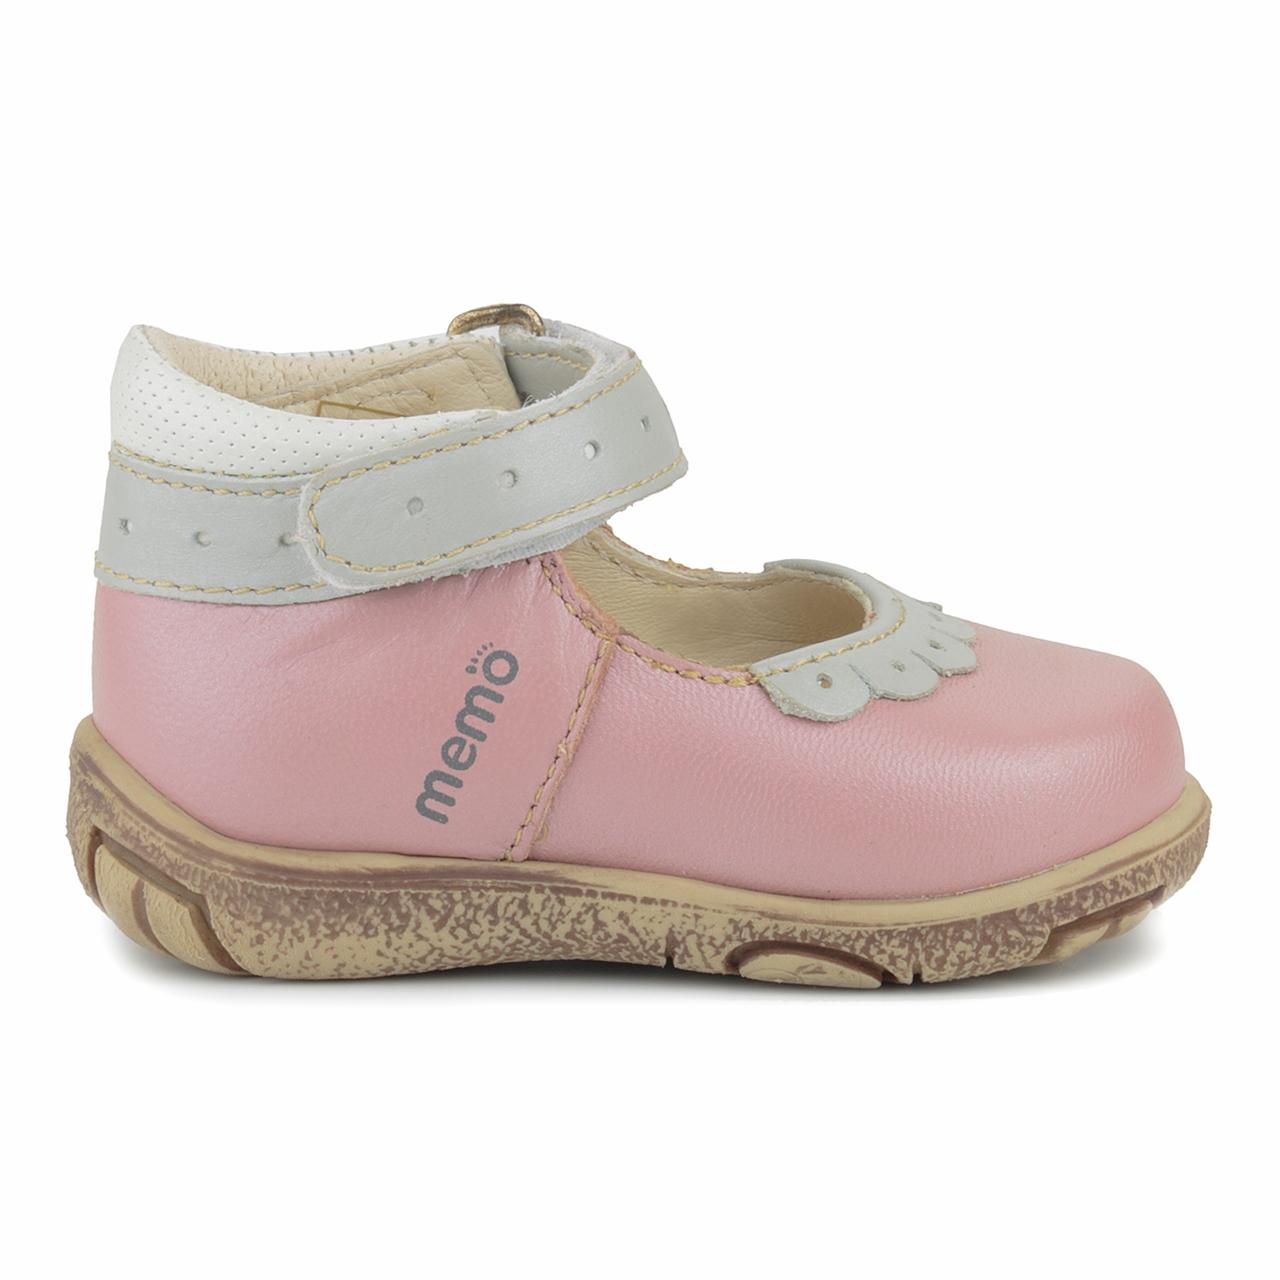 European Baby Walking Shoes